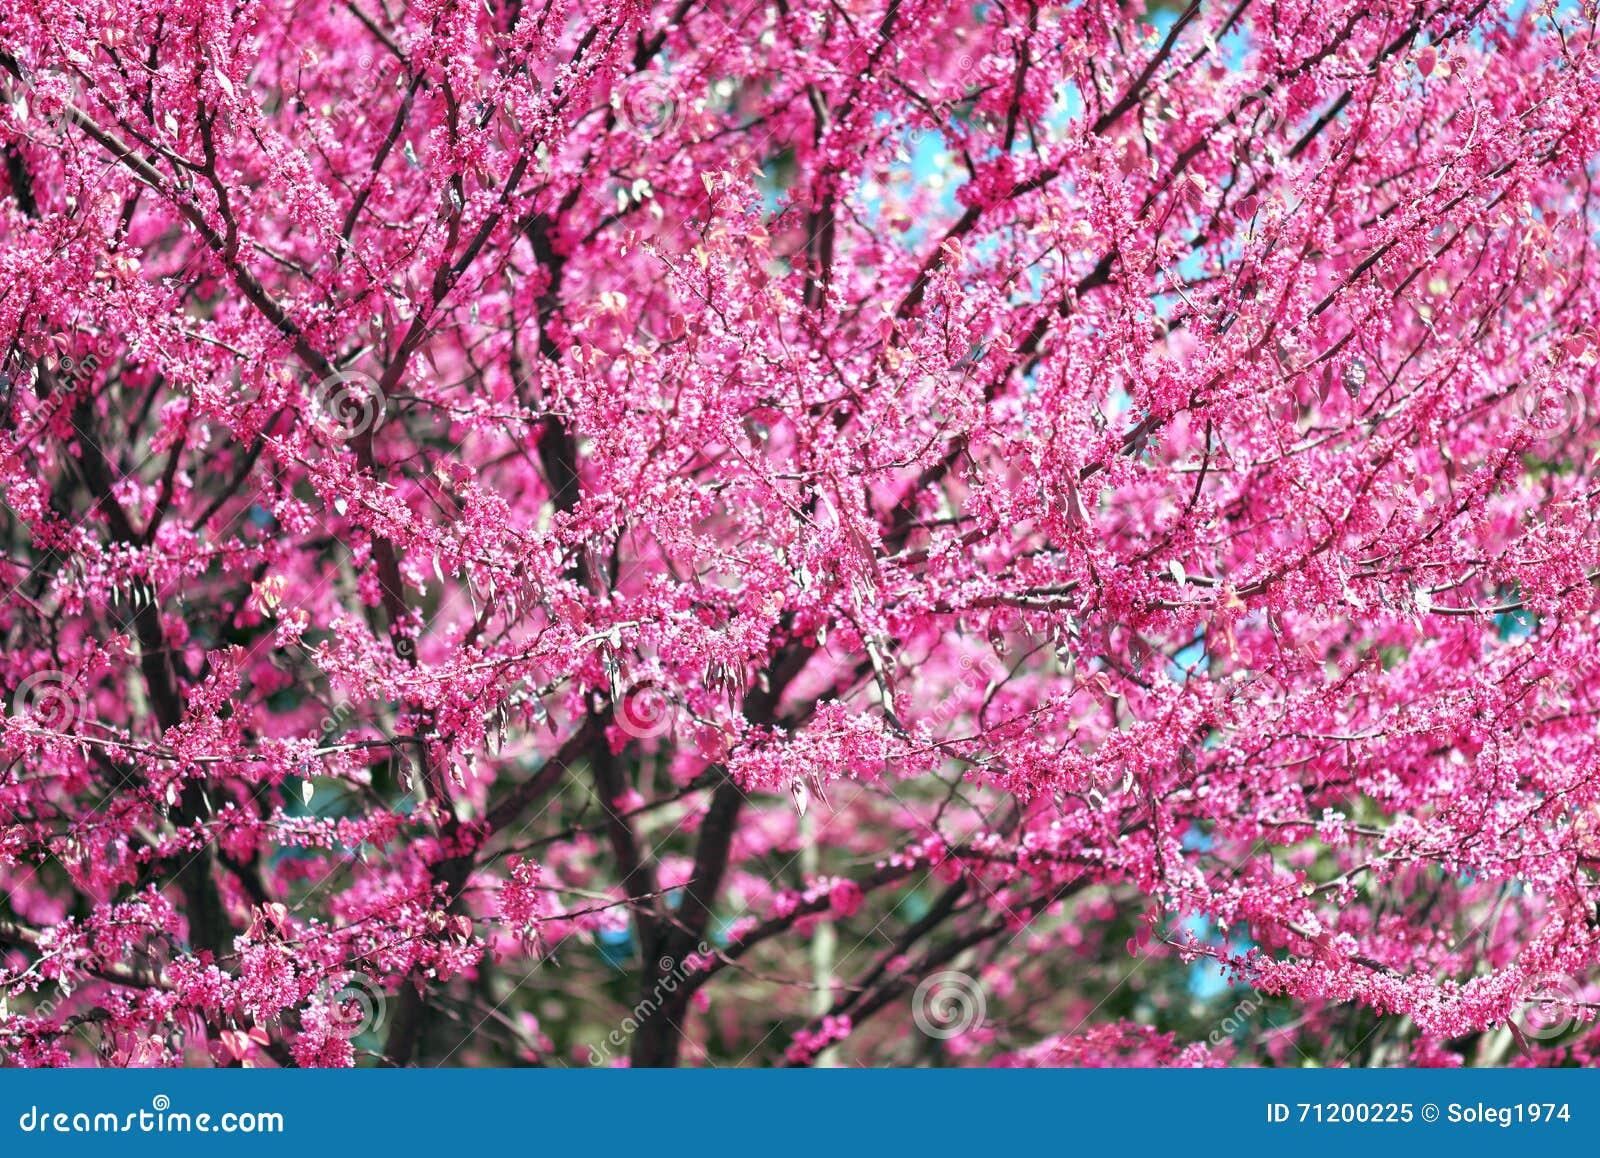 la fleur rose sur des branches d 39 arbre fleurit dans un jardin beau paysage de ressort au jour. Black Bedroom Furniture Sets. Home Design Ideas